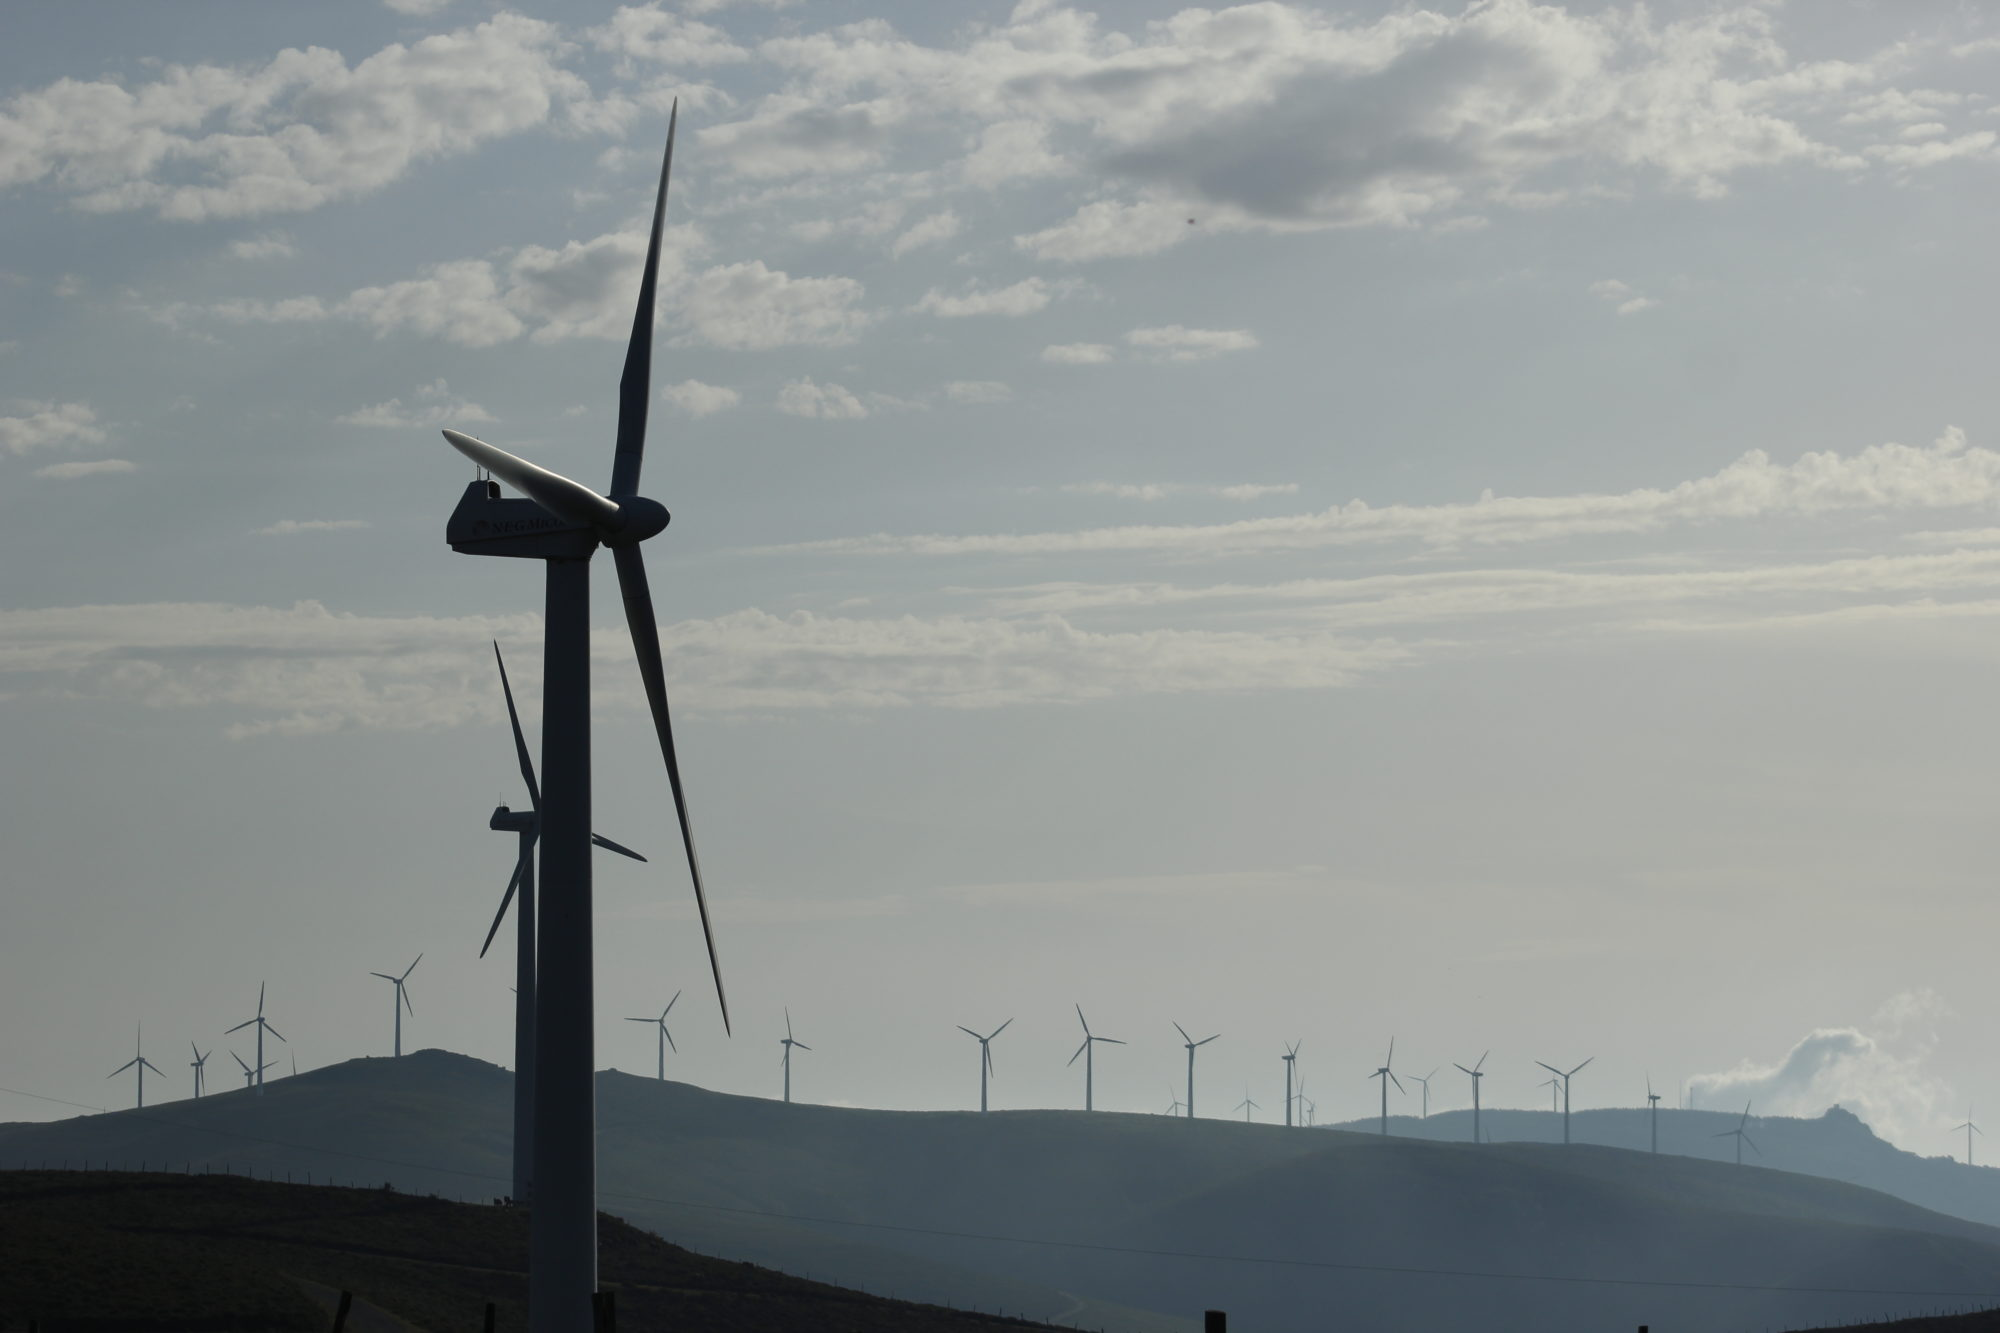 Concello de Muras | Xornada para veciñ@s sobre presente e futuro da enerxía eólica |